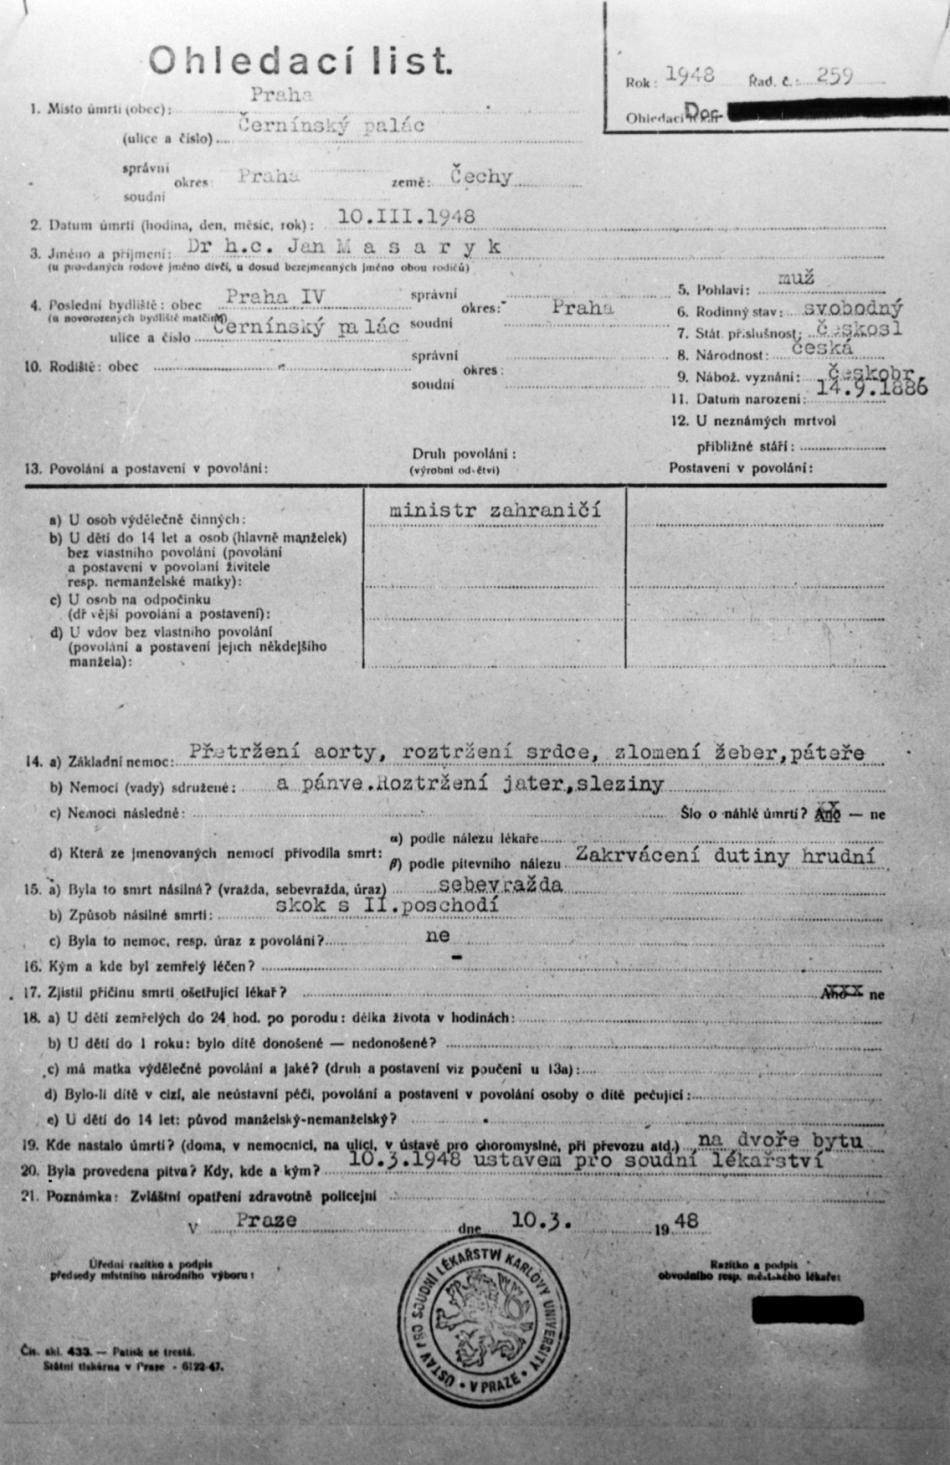 Ohledací list o smrti Jana Masaryka z roku 1948